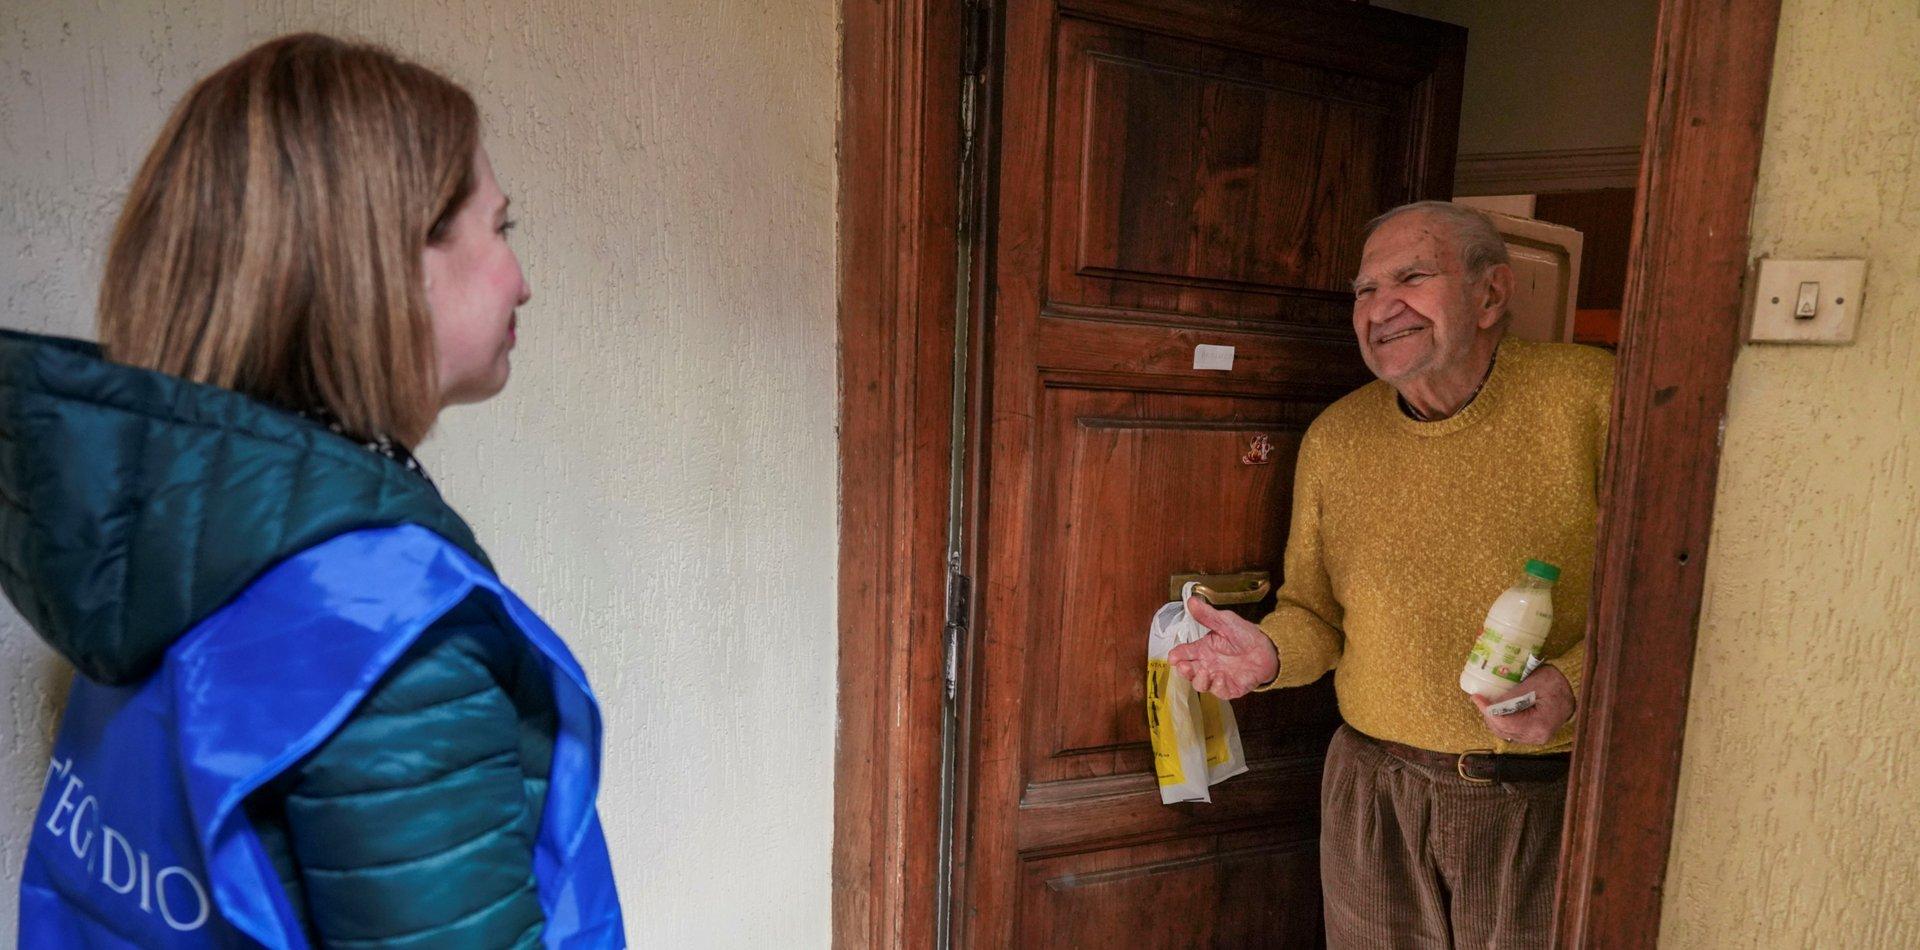 La UNLP firmó un convenio con el PAMI para brindar asistencia a los adultos mayores